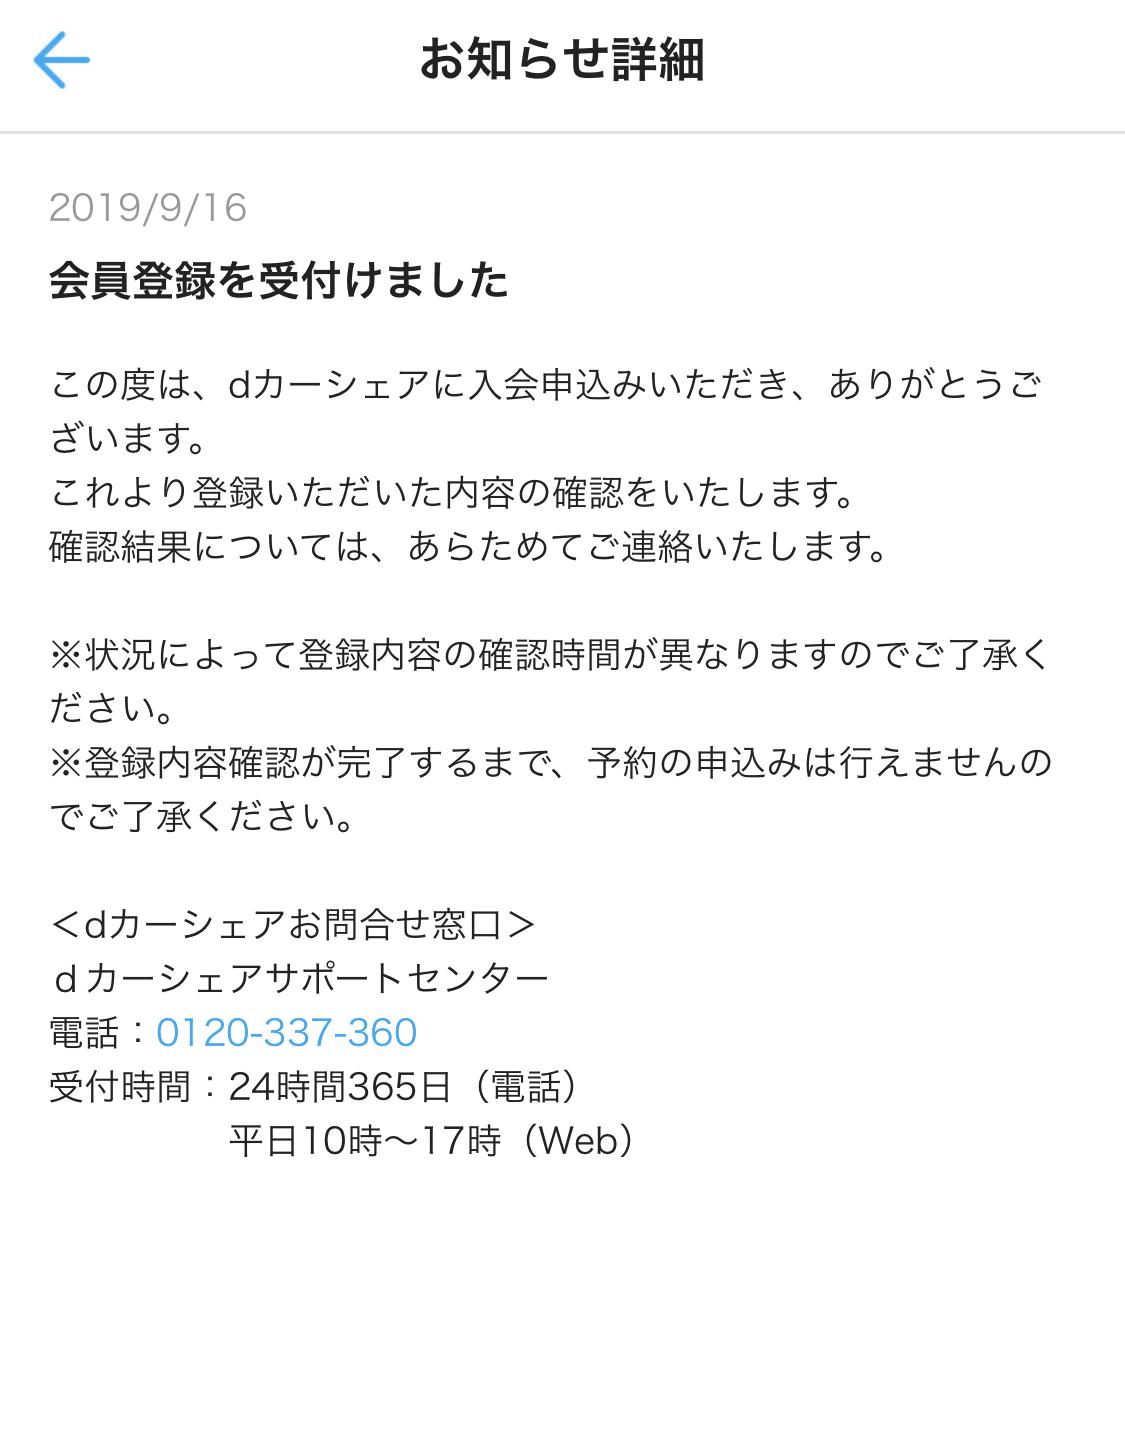 dカーシェア_登録受付通知